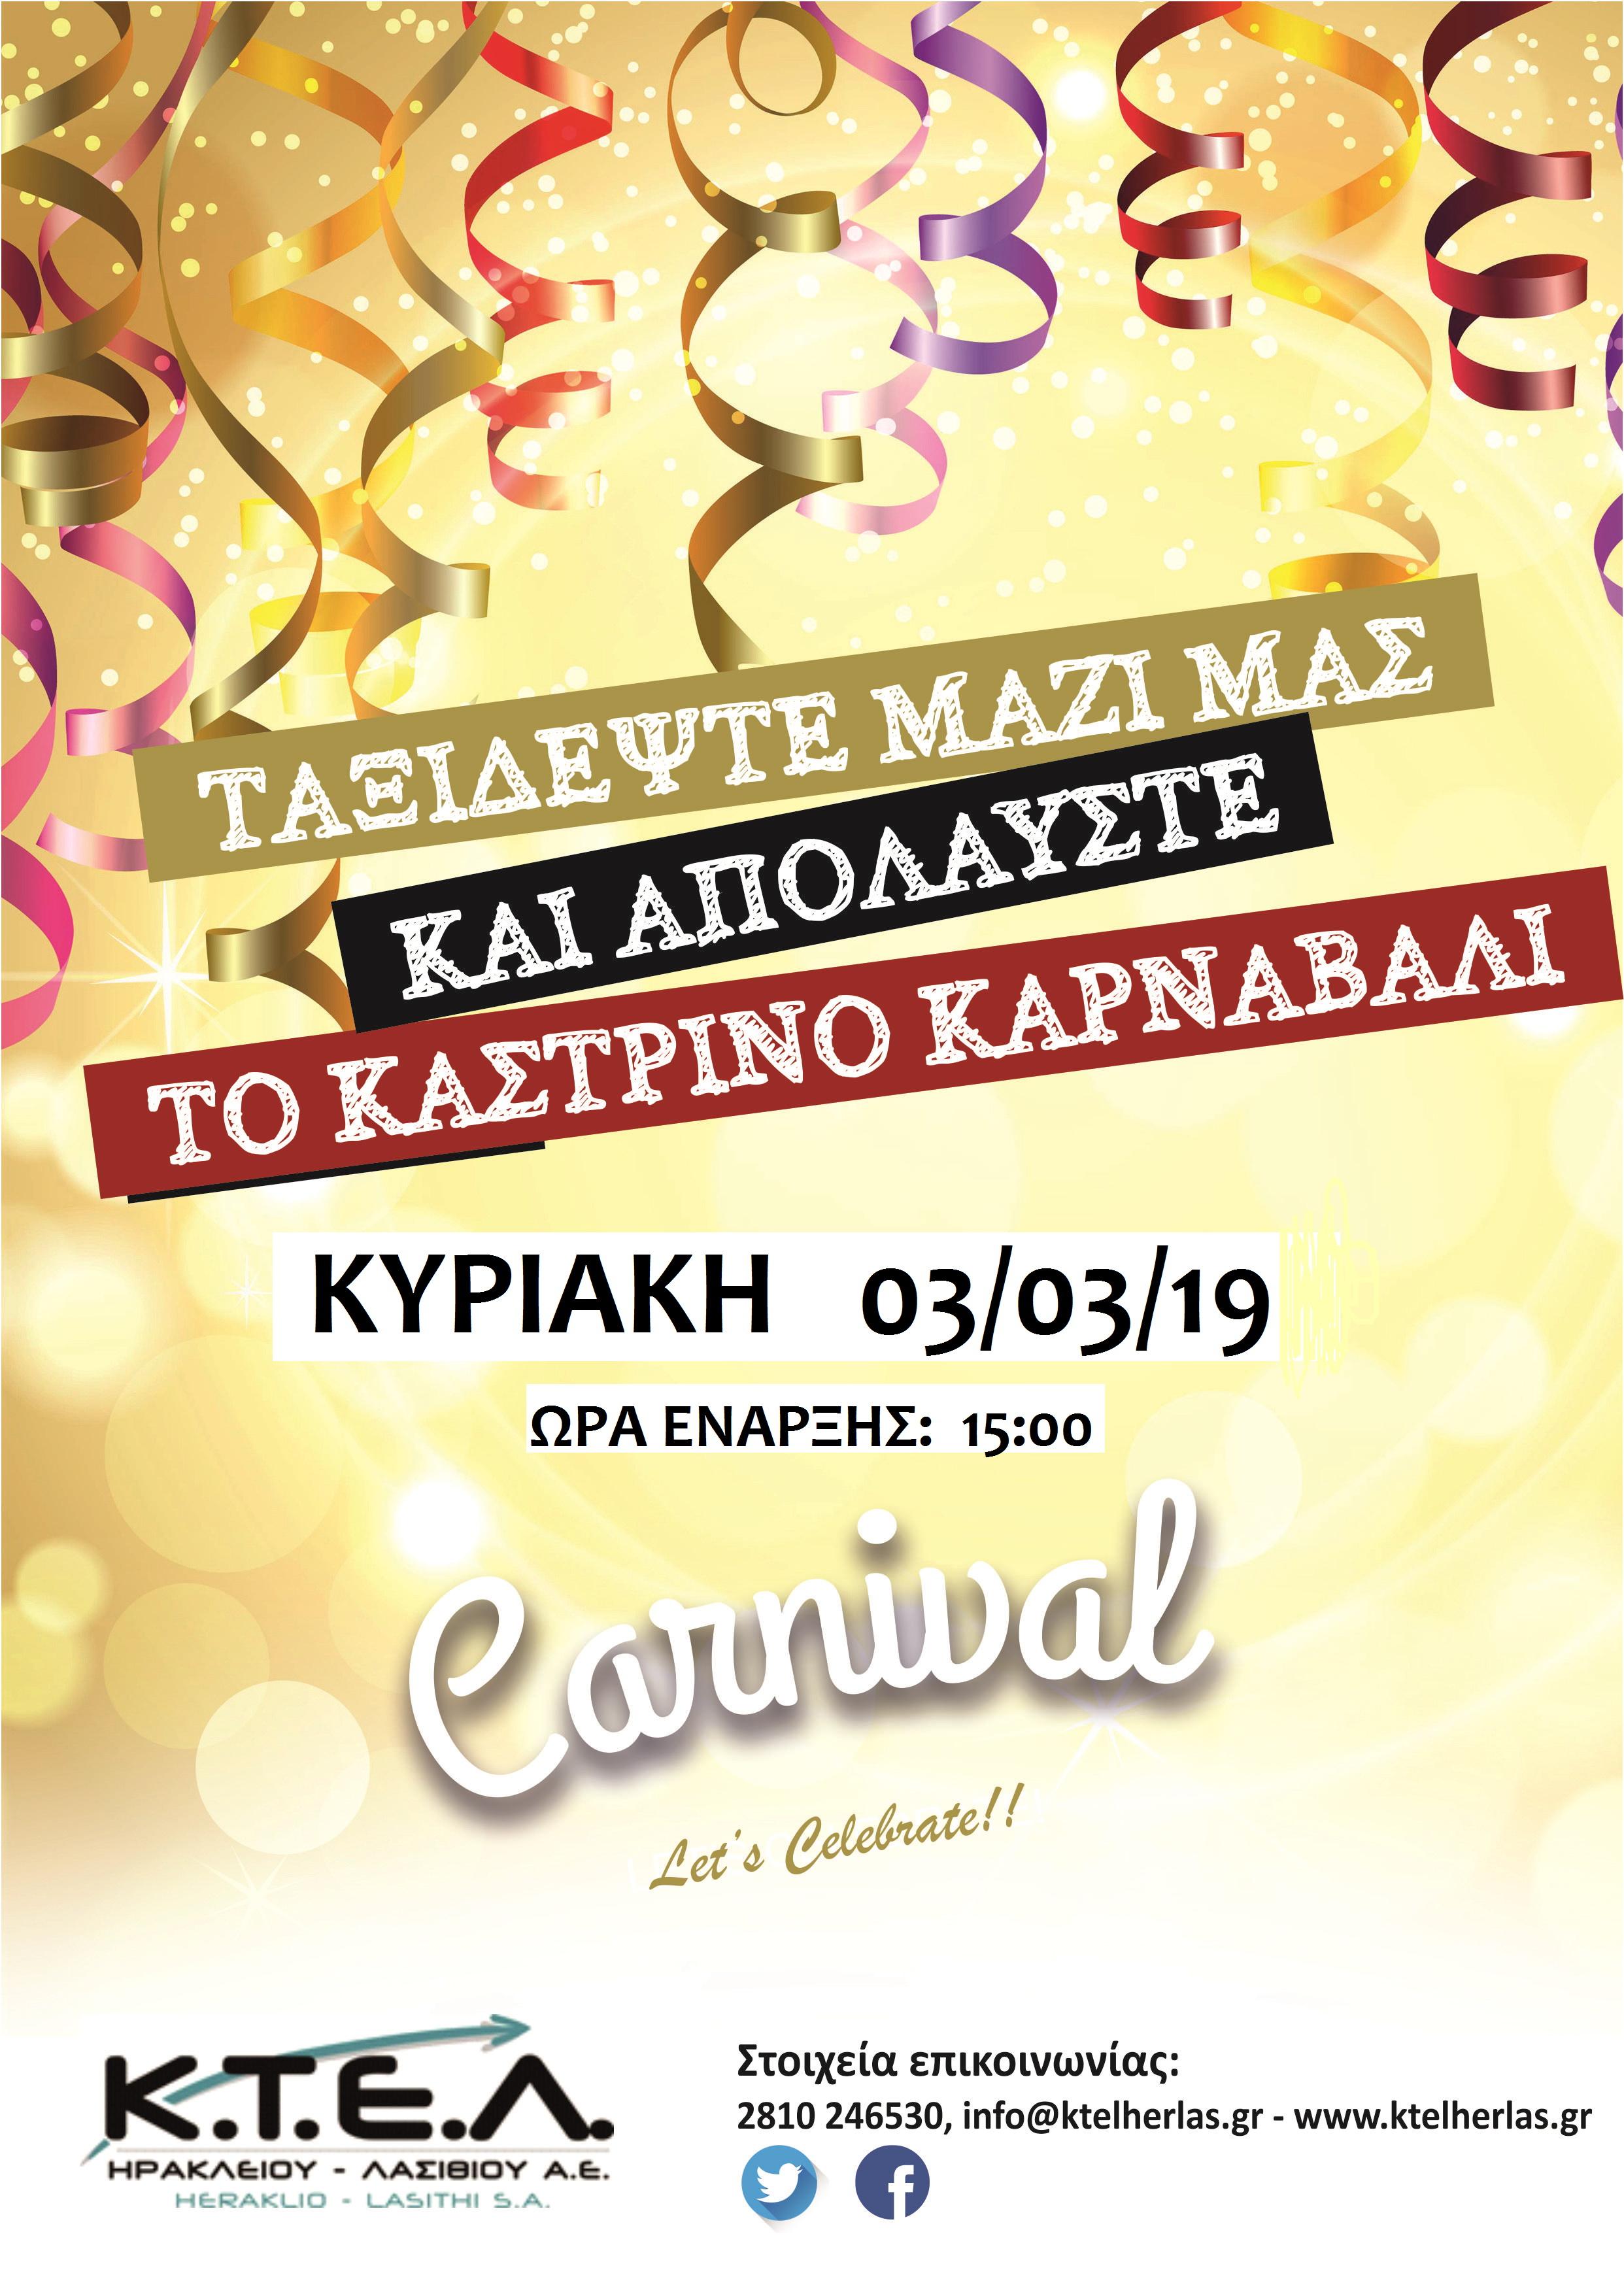 Ταξιδέψτε μαζί μας & απολαύστε το Καστρινό καρναβάλι......